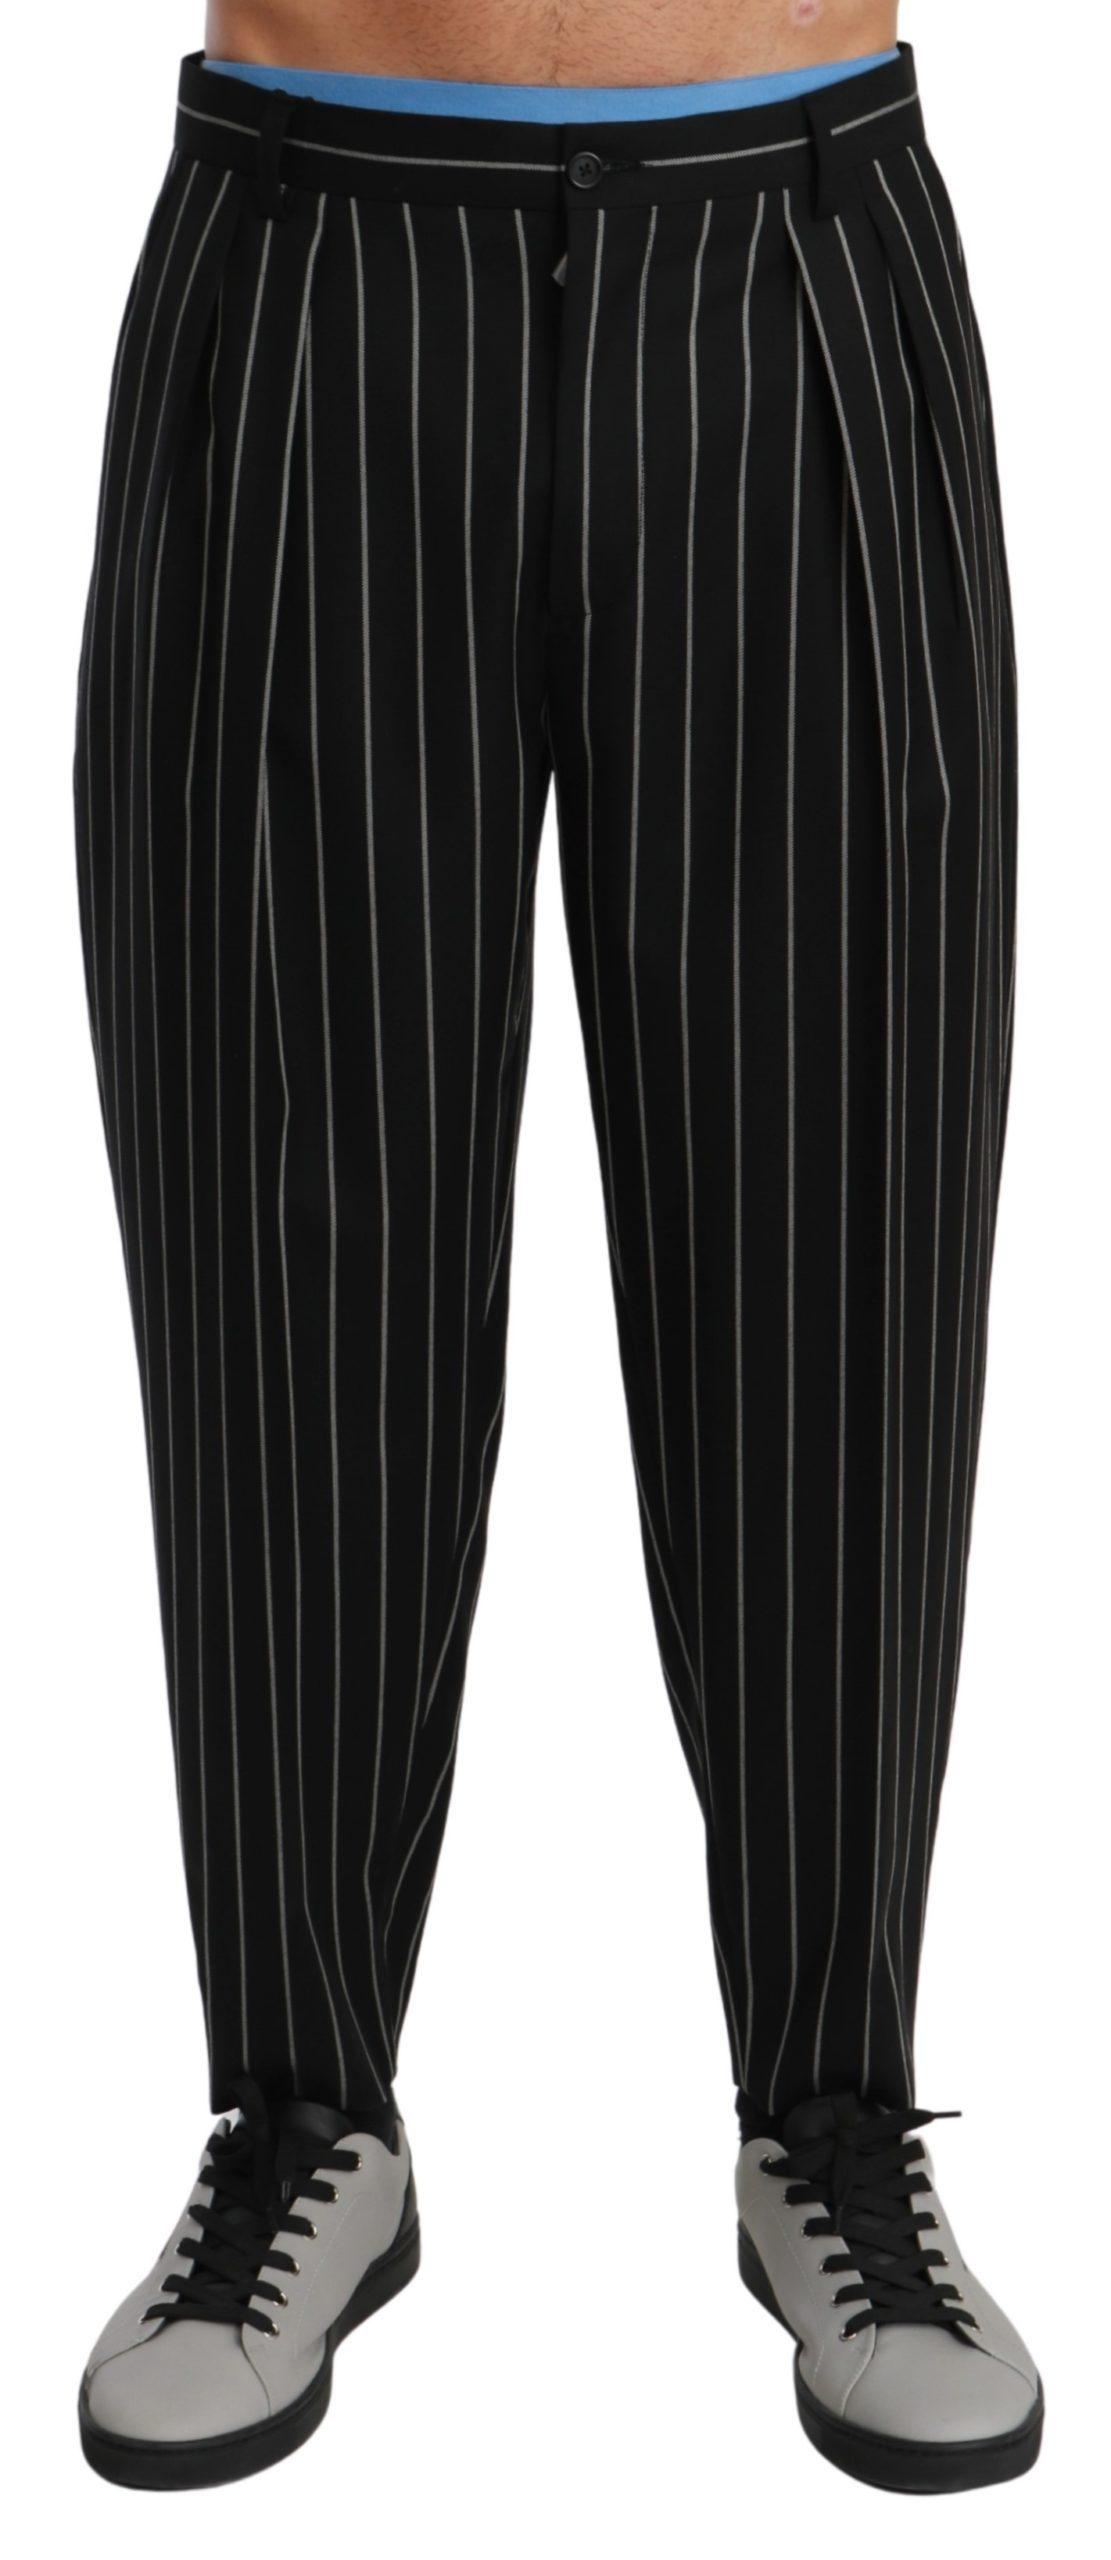 Dolce & Gabbana Men's Stripes Casual Wool Trouser Black PAN70972 - IT48   M